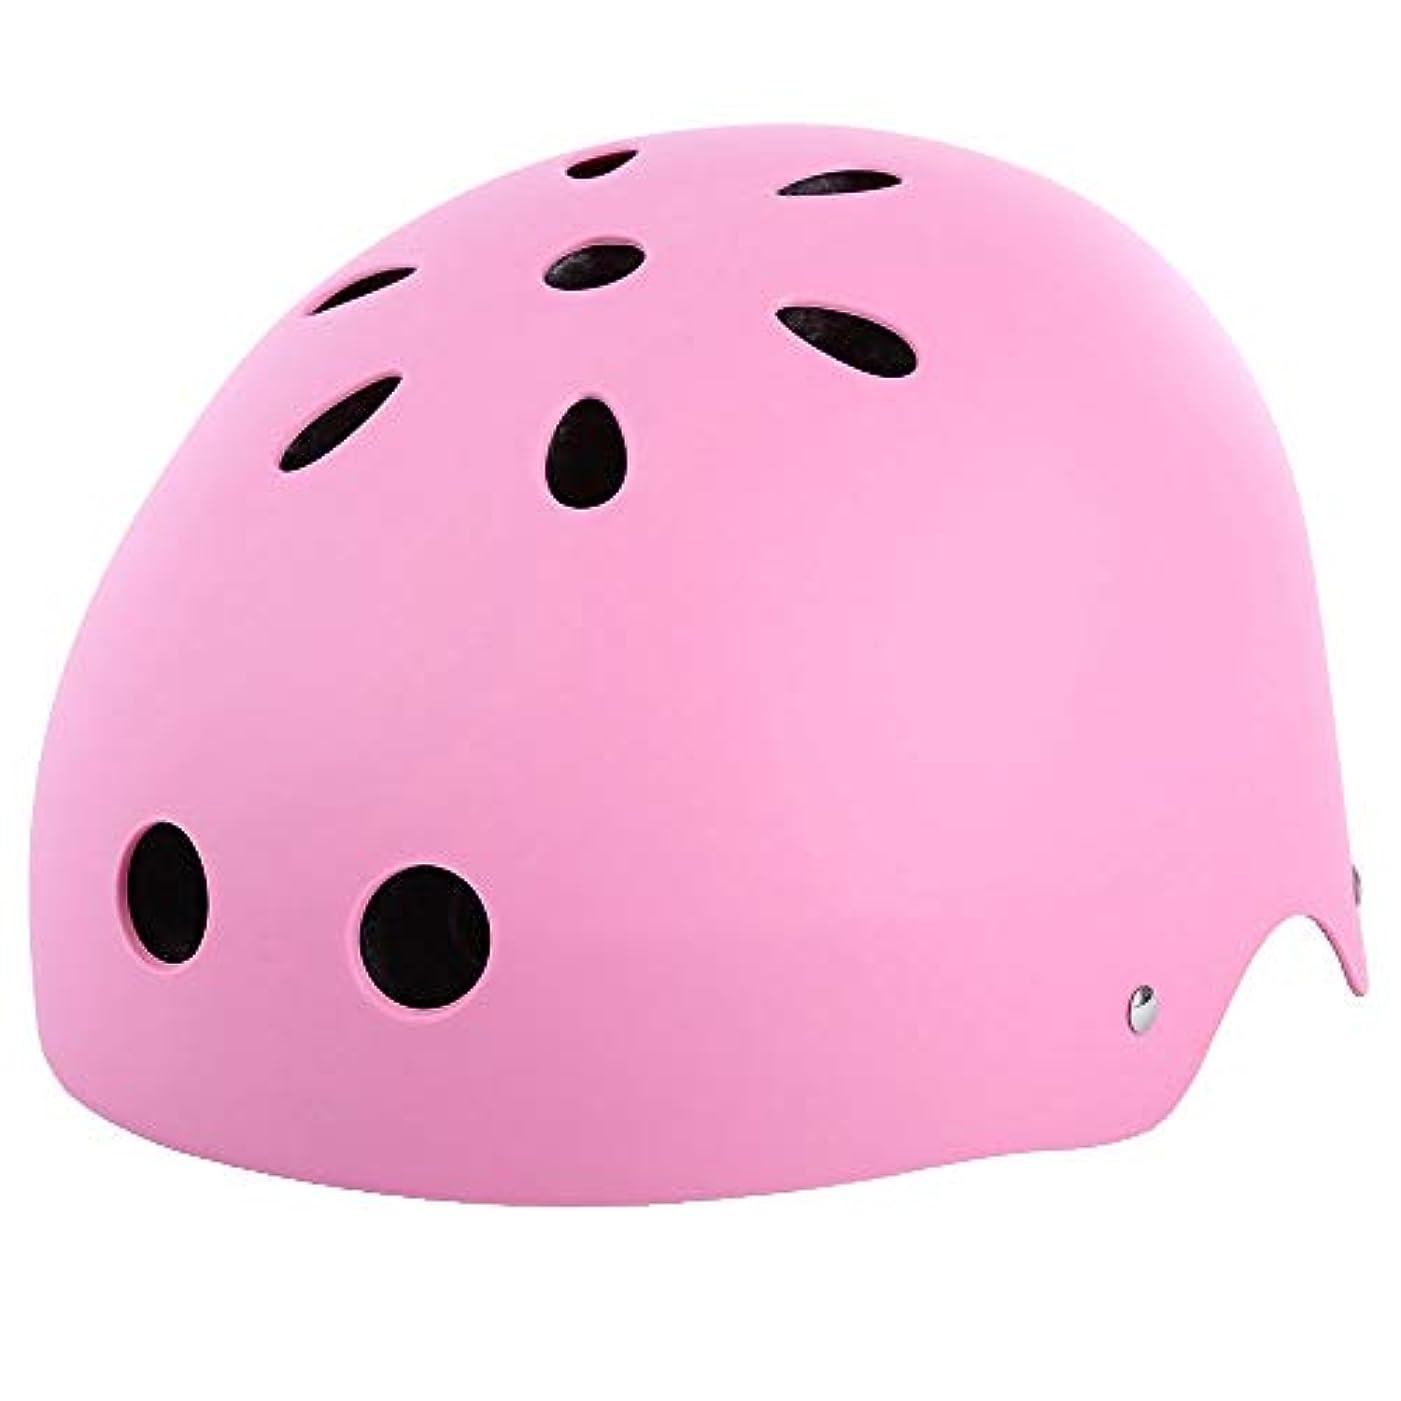 締める日記雪のヘルメット安全洞窟探検レスキューワタリ乗馬ダウンヒル機器クライミングアジャスタブル?ロック